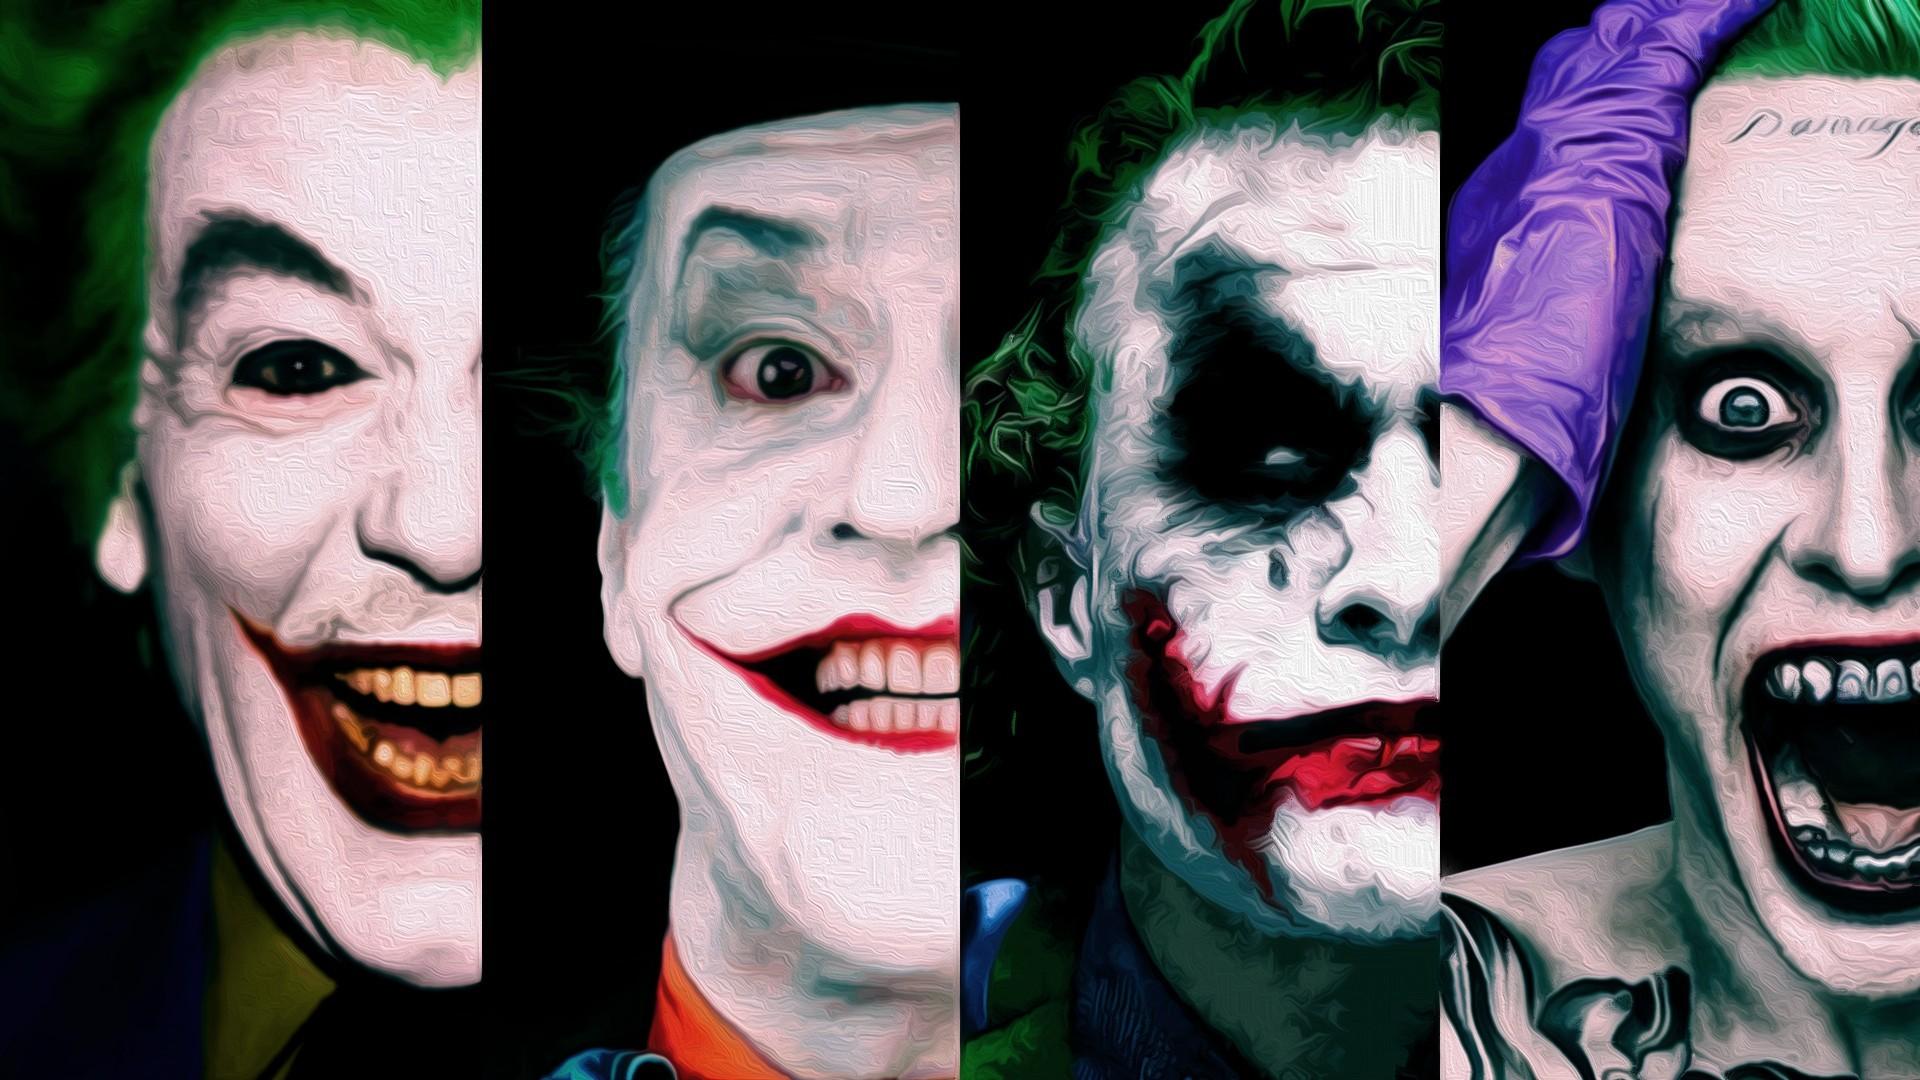 Jared Leto Joker Wallpapers 1